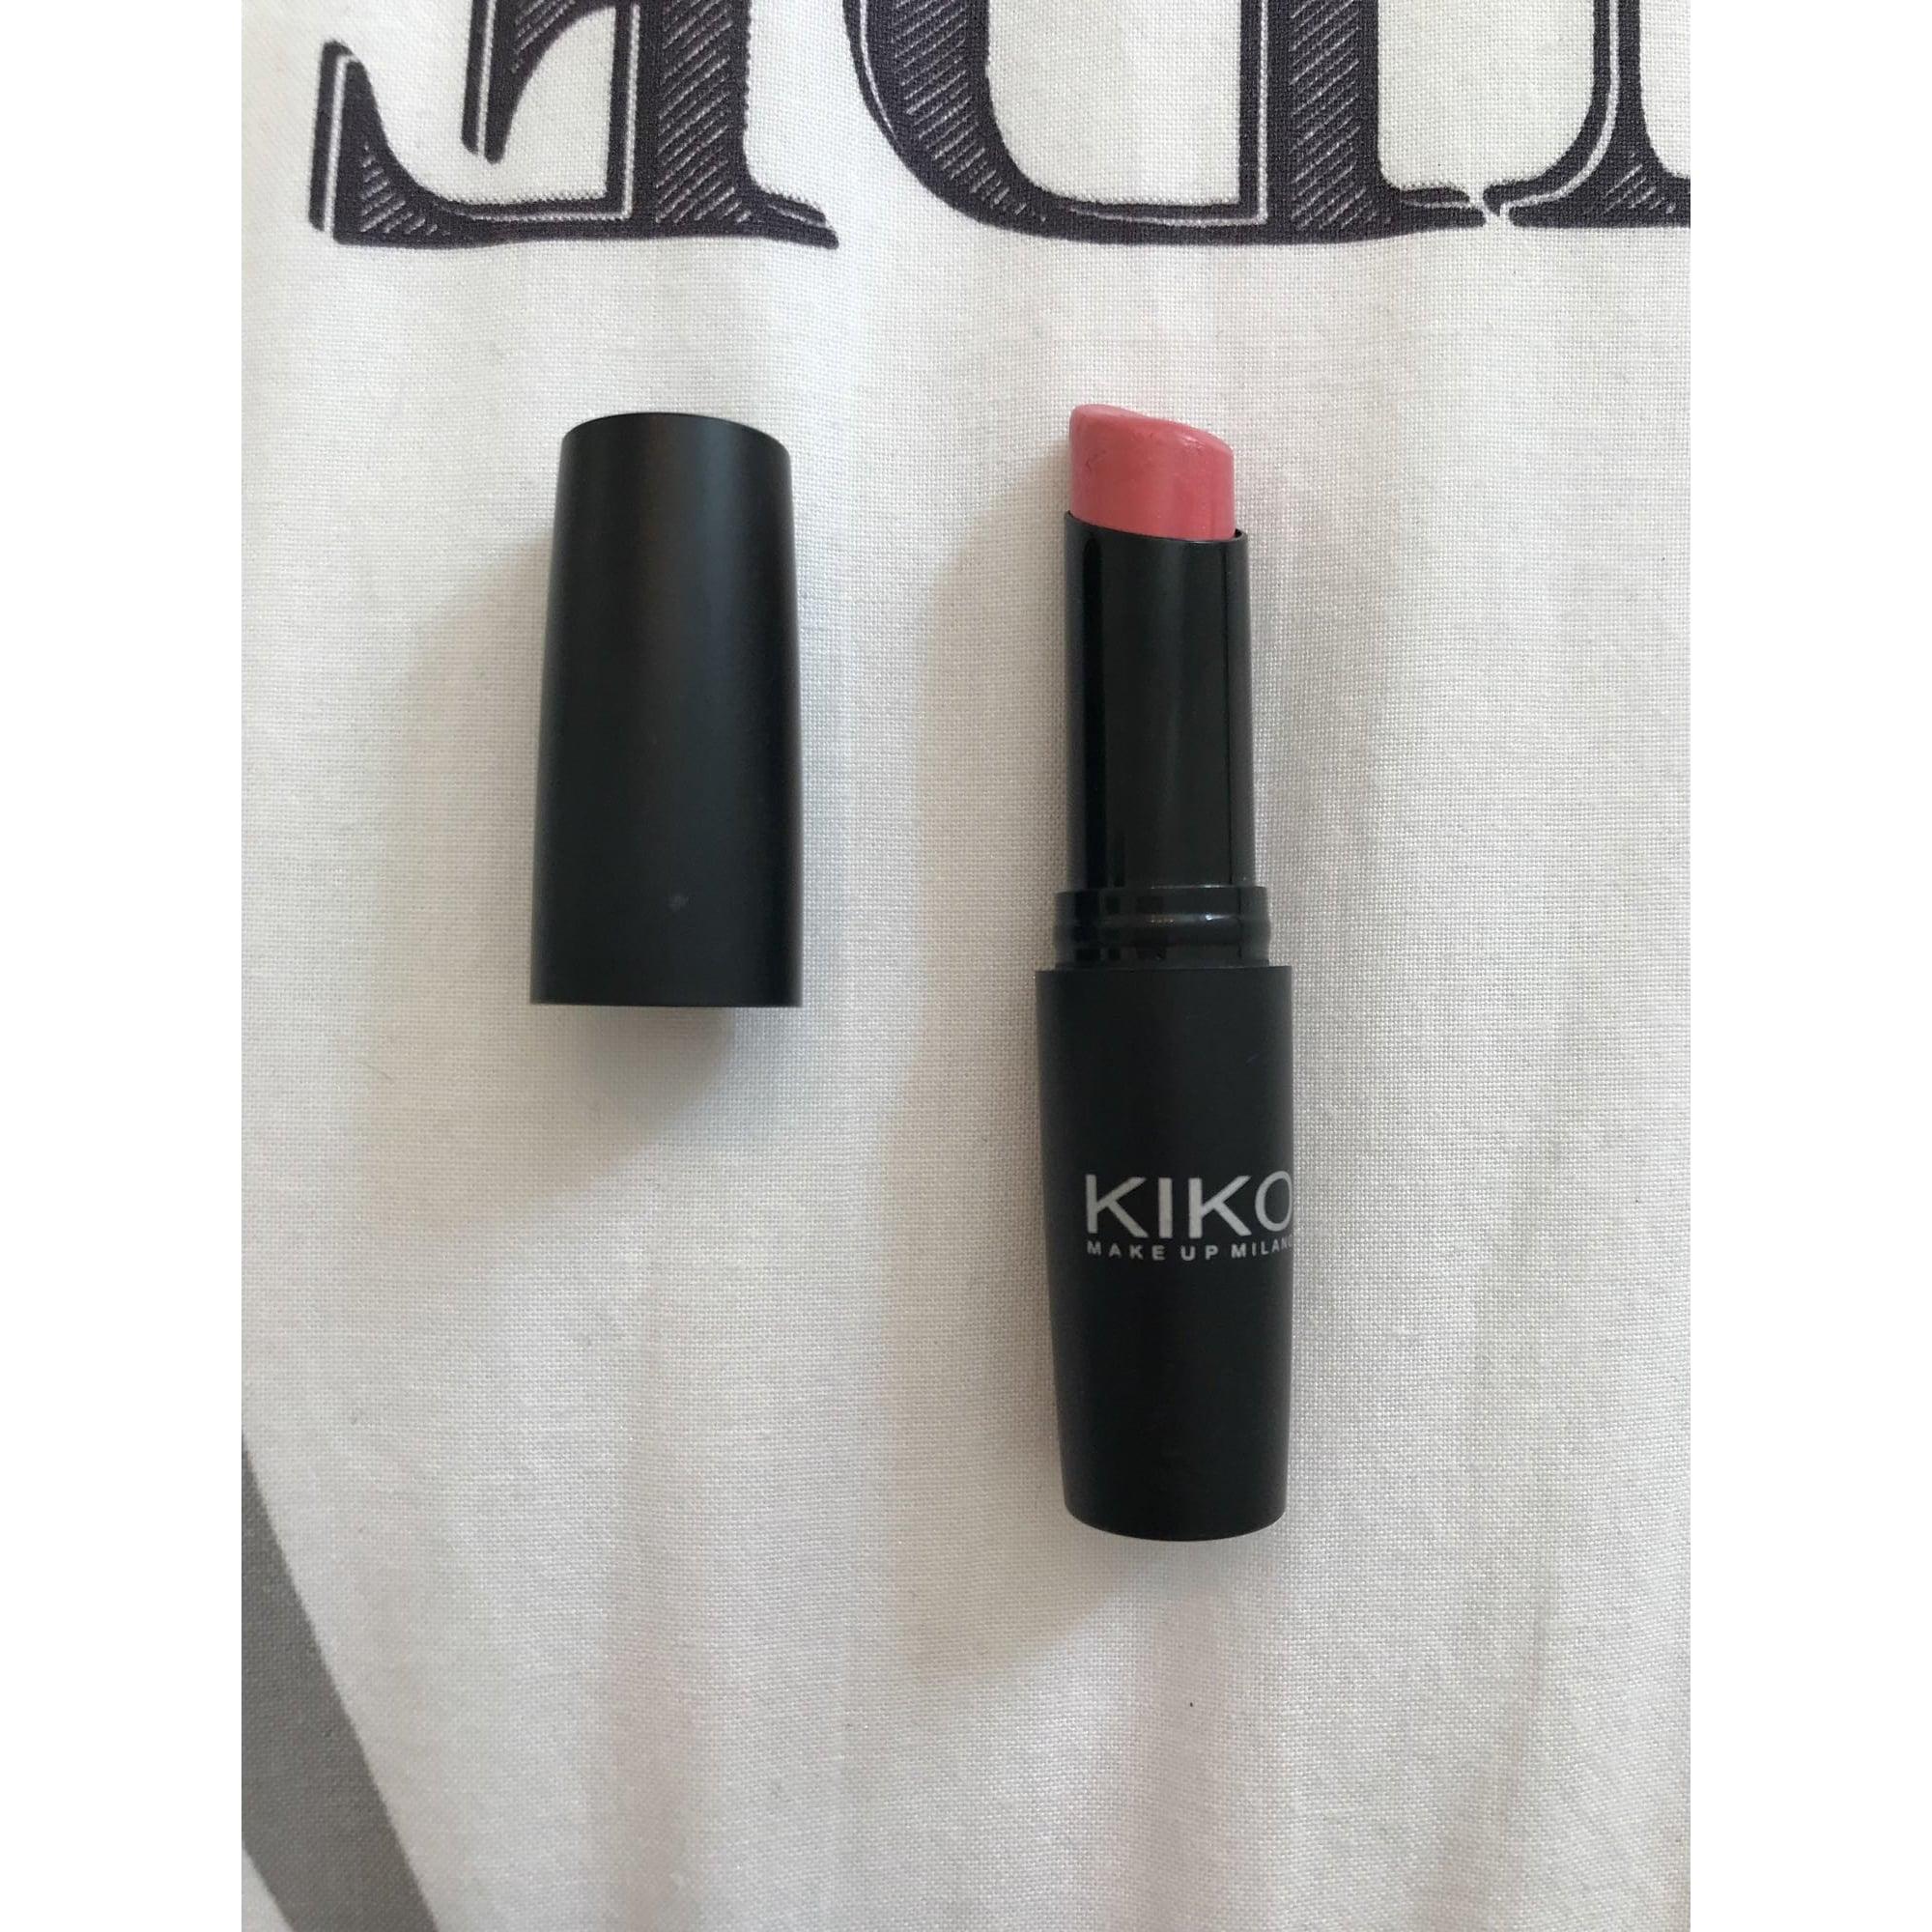 Lèvres Rouge Nude 6158868 Kiko À N08Onmwv